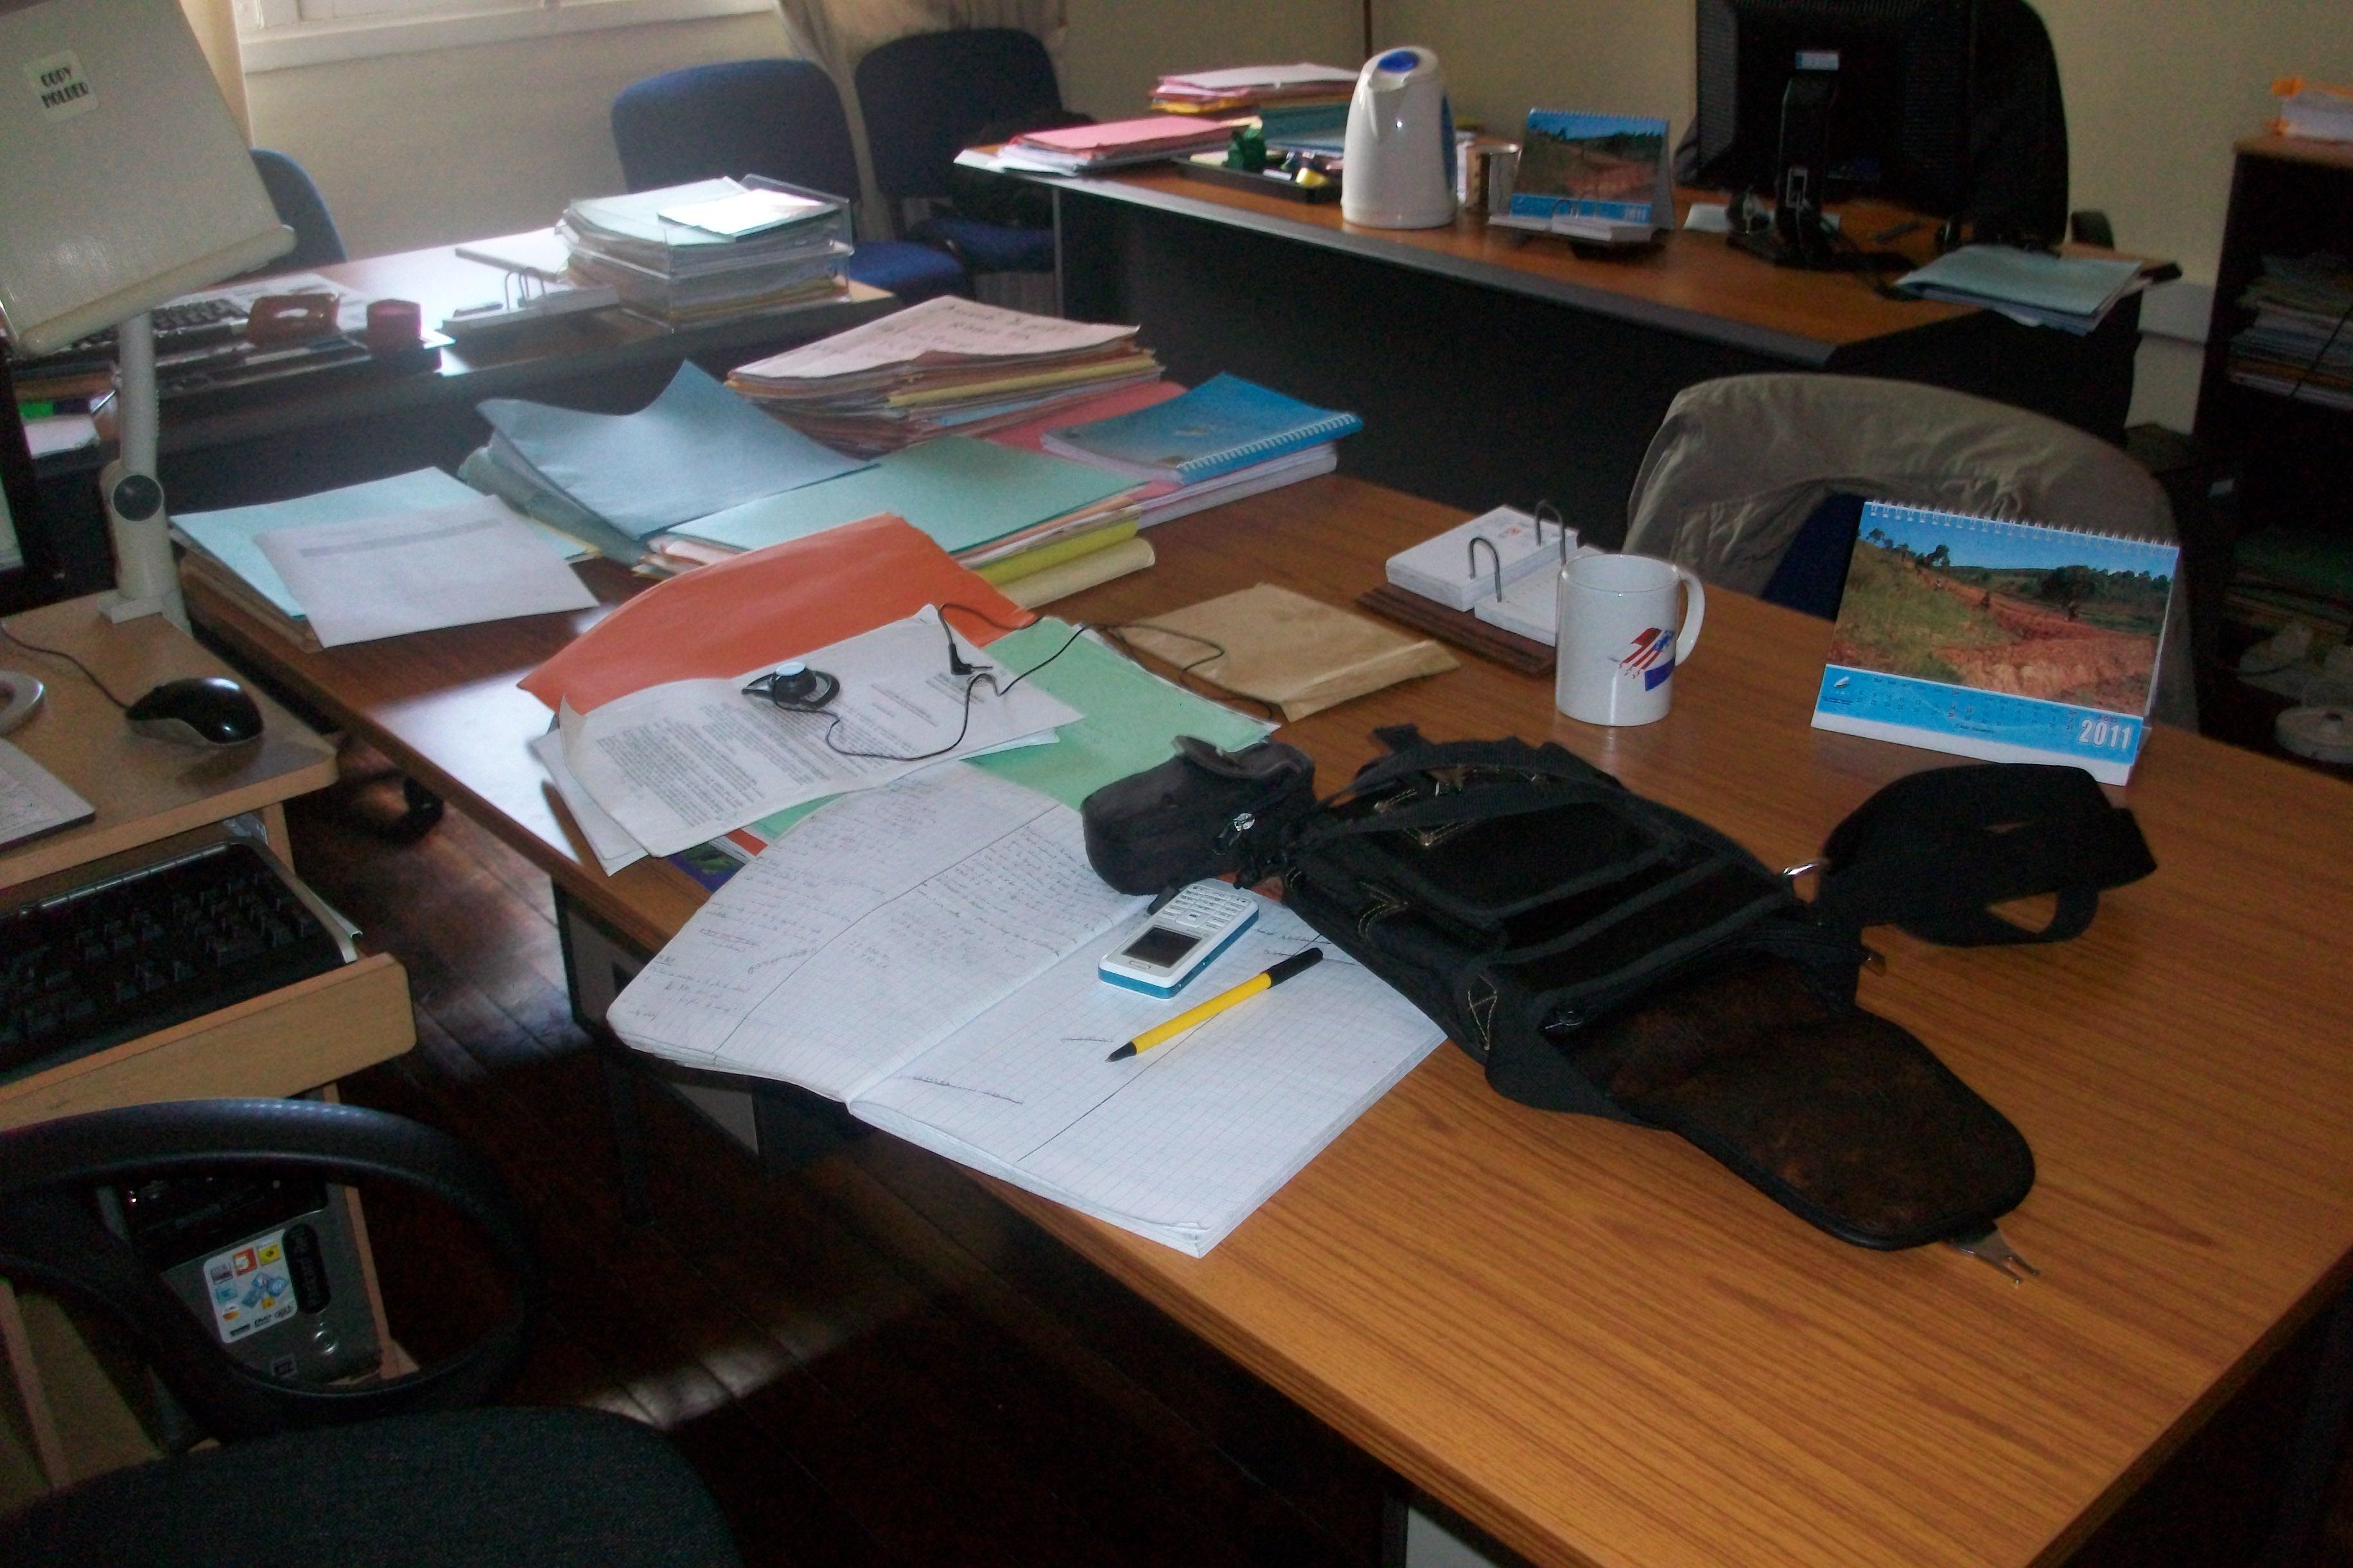 dịch vụ chỉnh sửa số liệu luận văn báo cáo tốt nghiệp